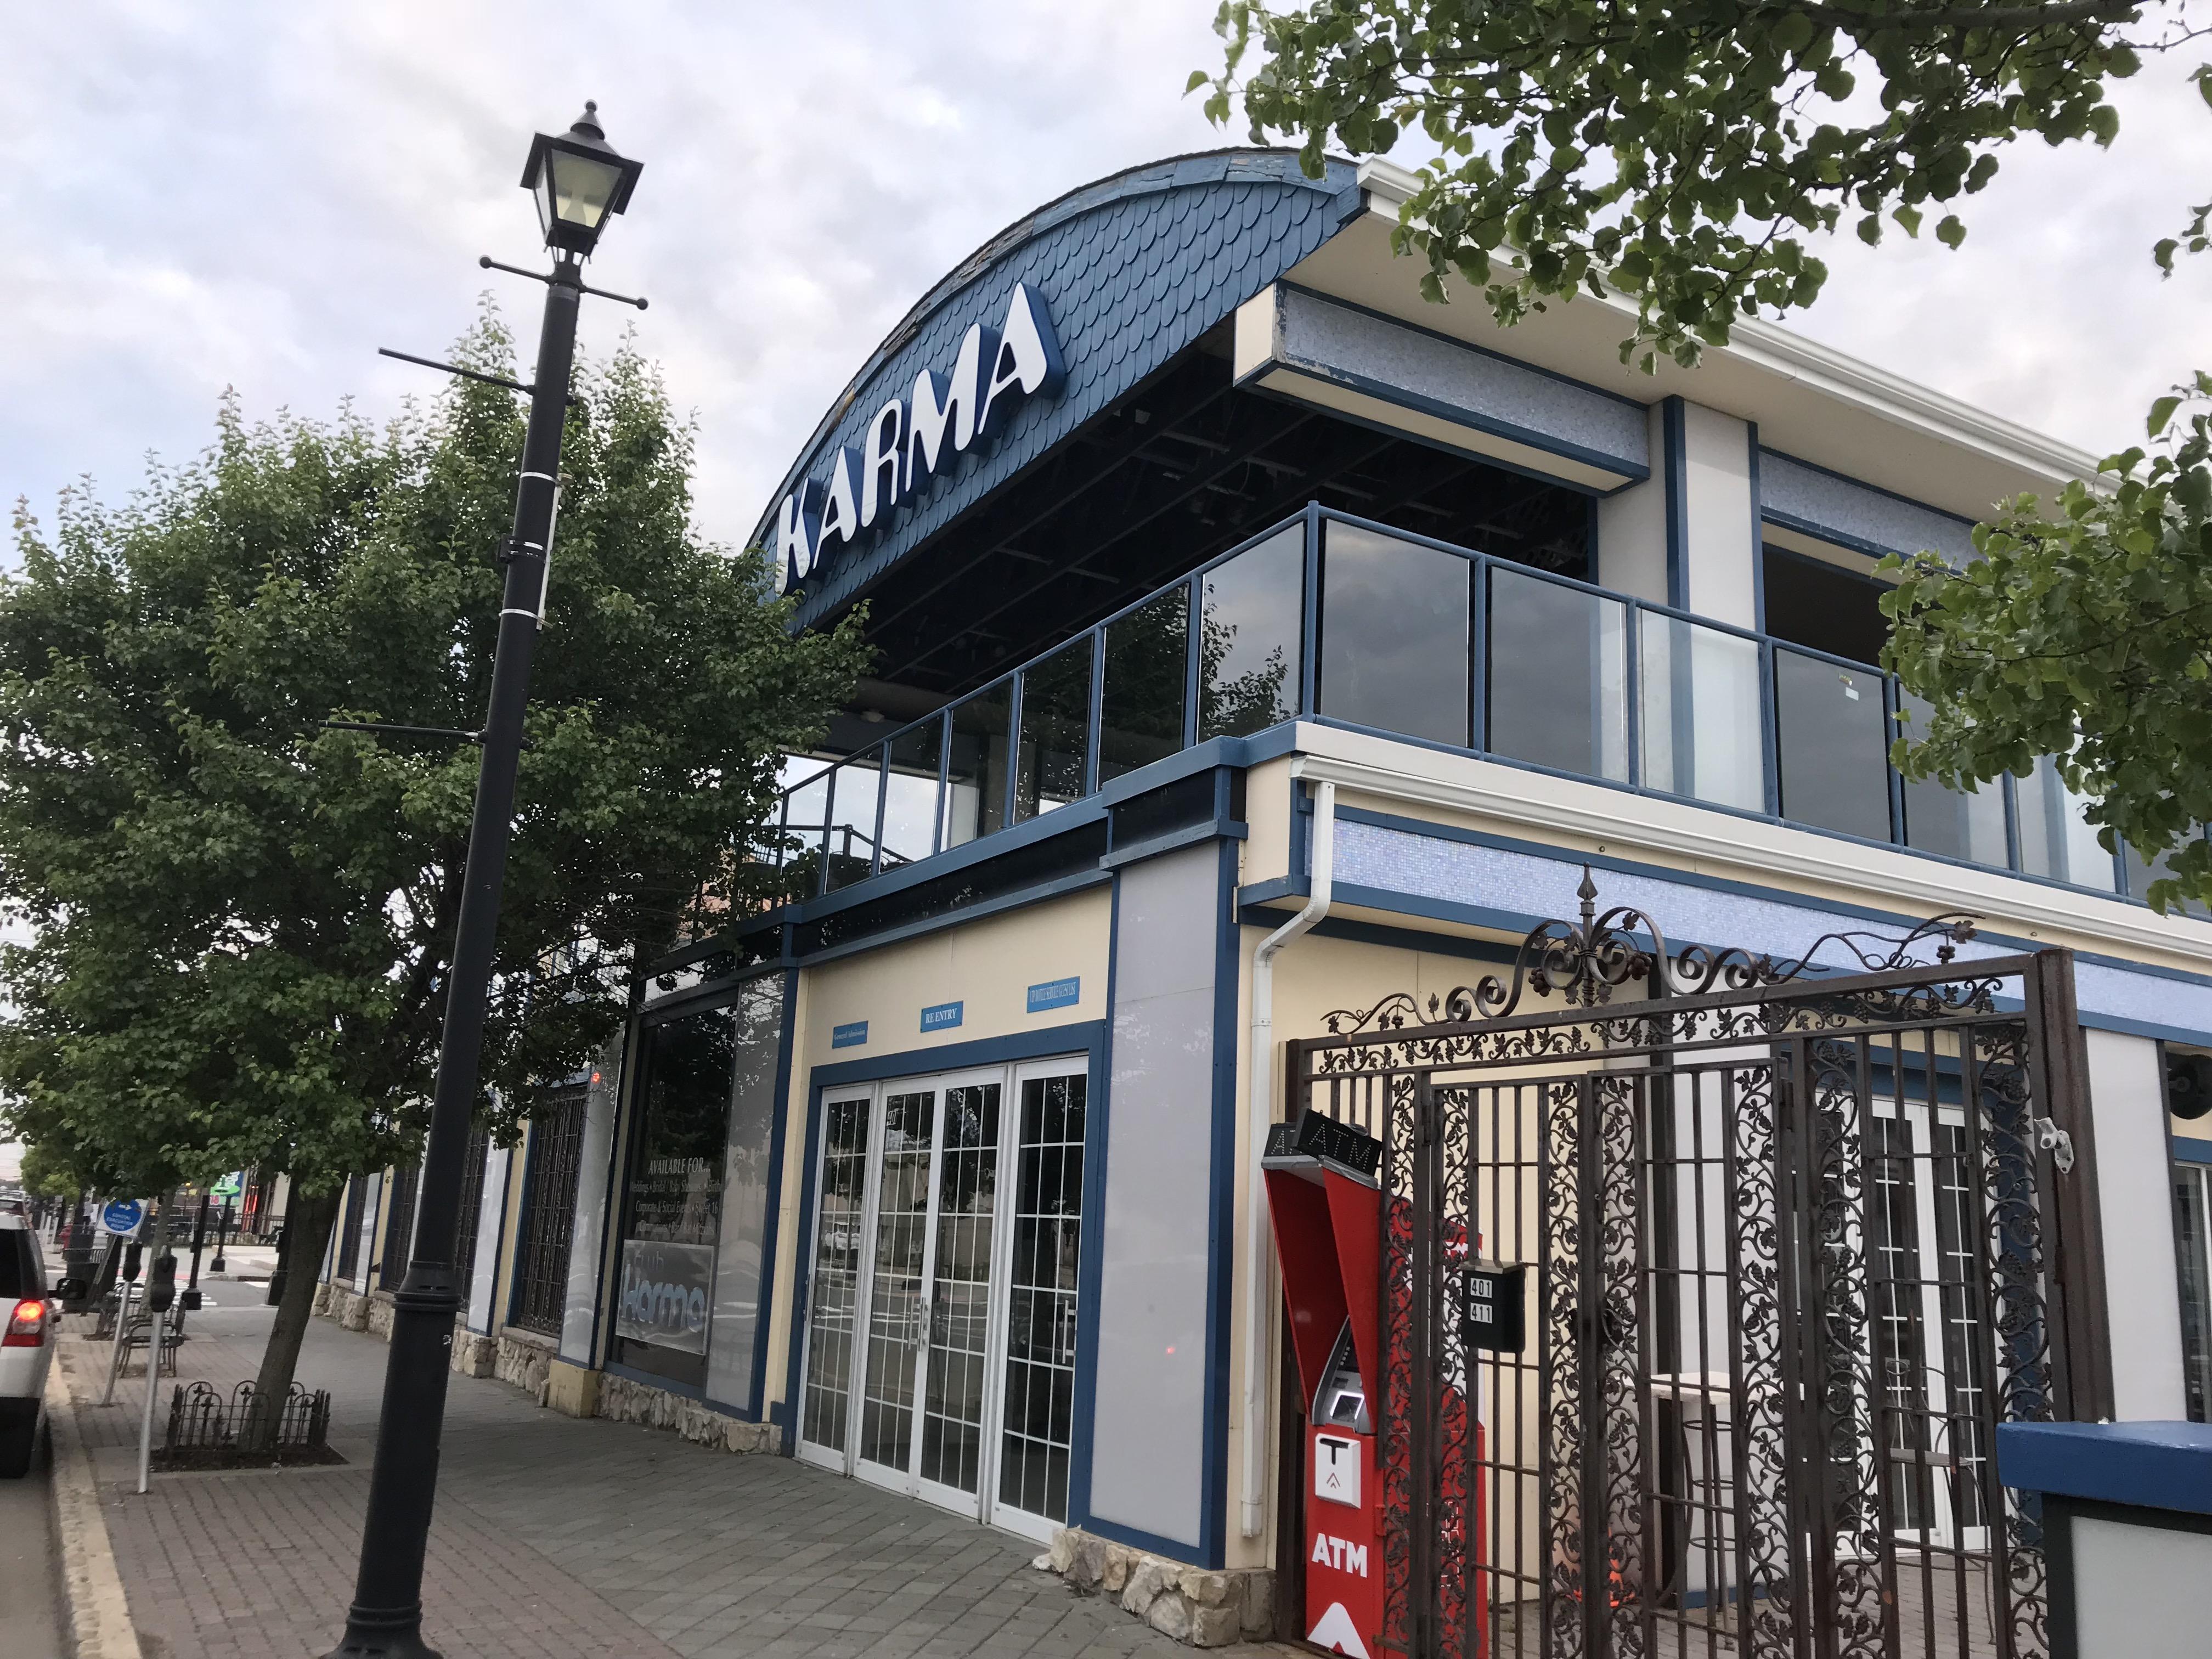 The Karma nightclub in Seaside Heights, June 6, 2018. (Photo: Daniel Nee)